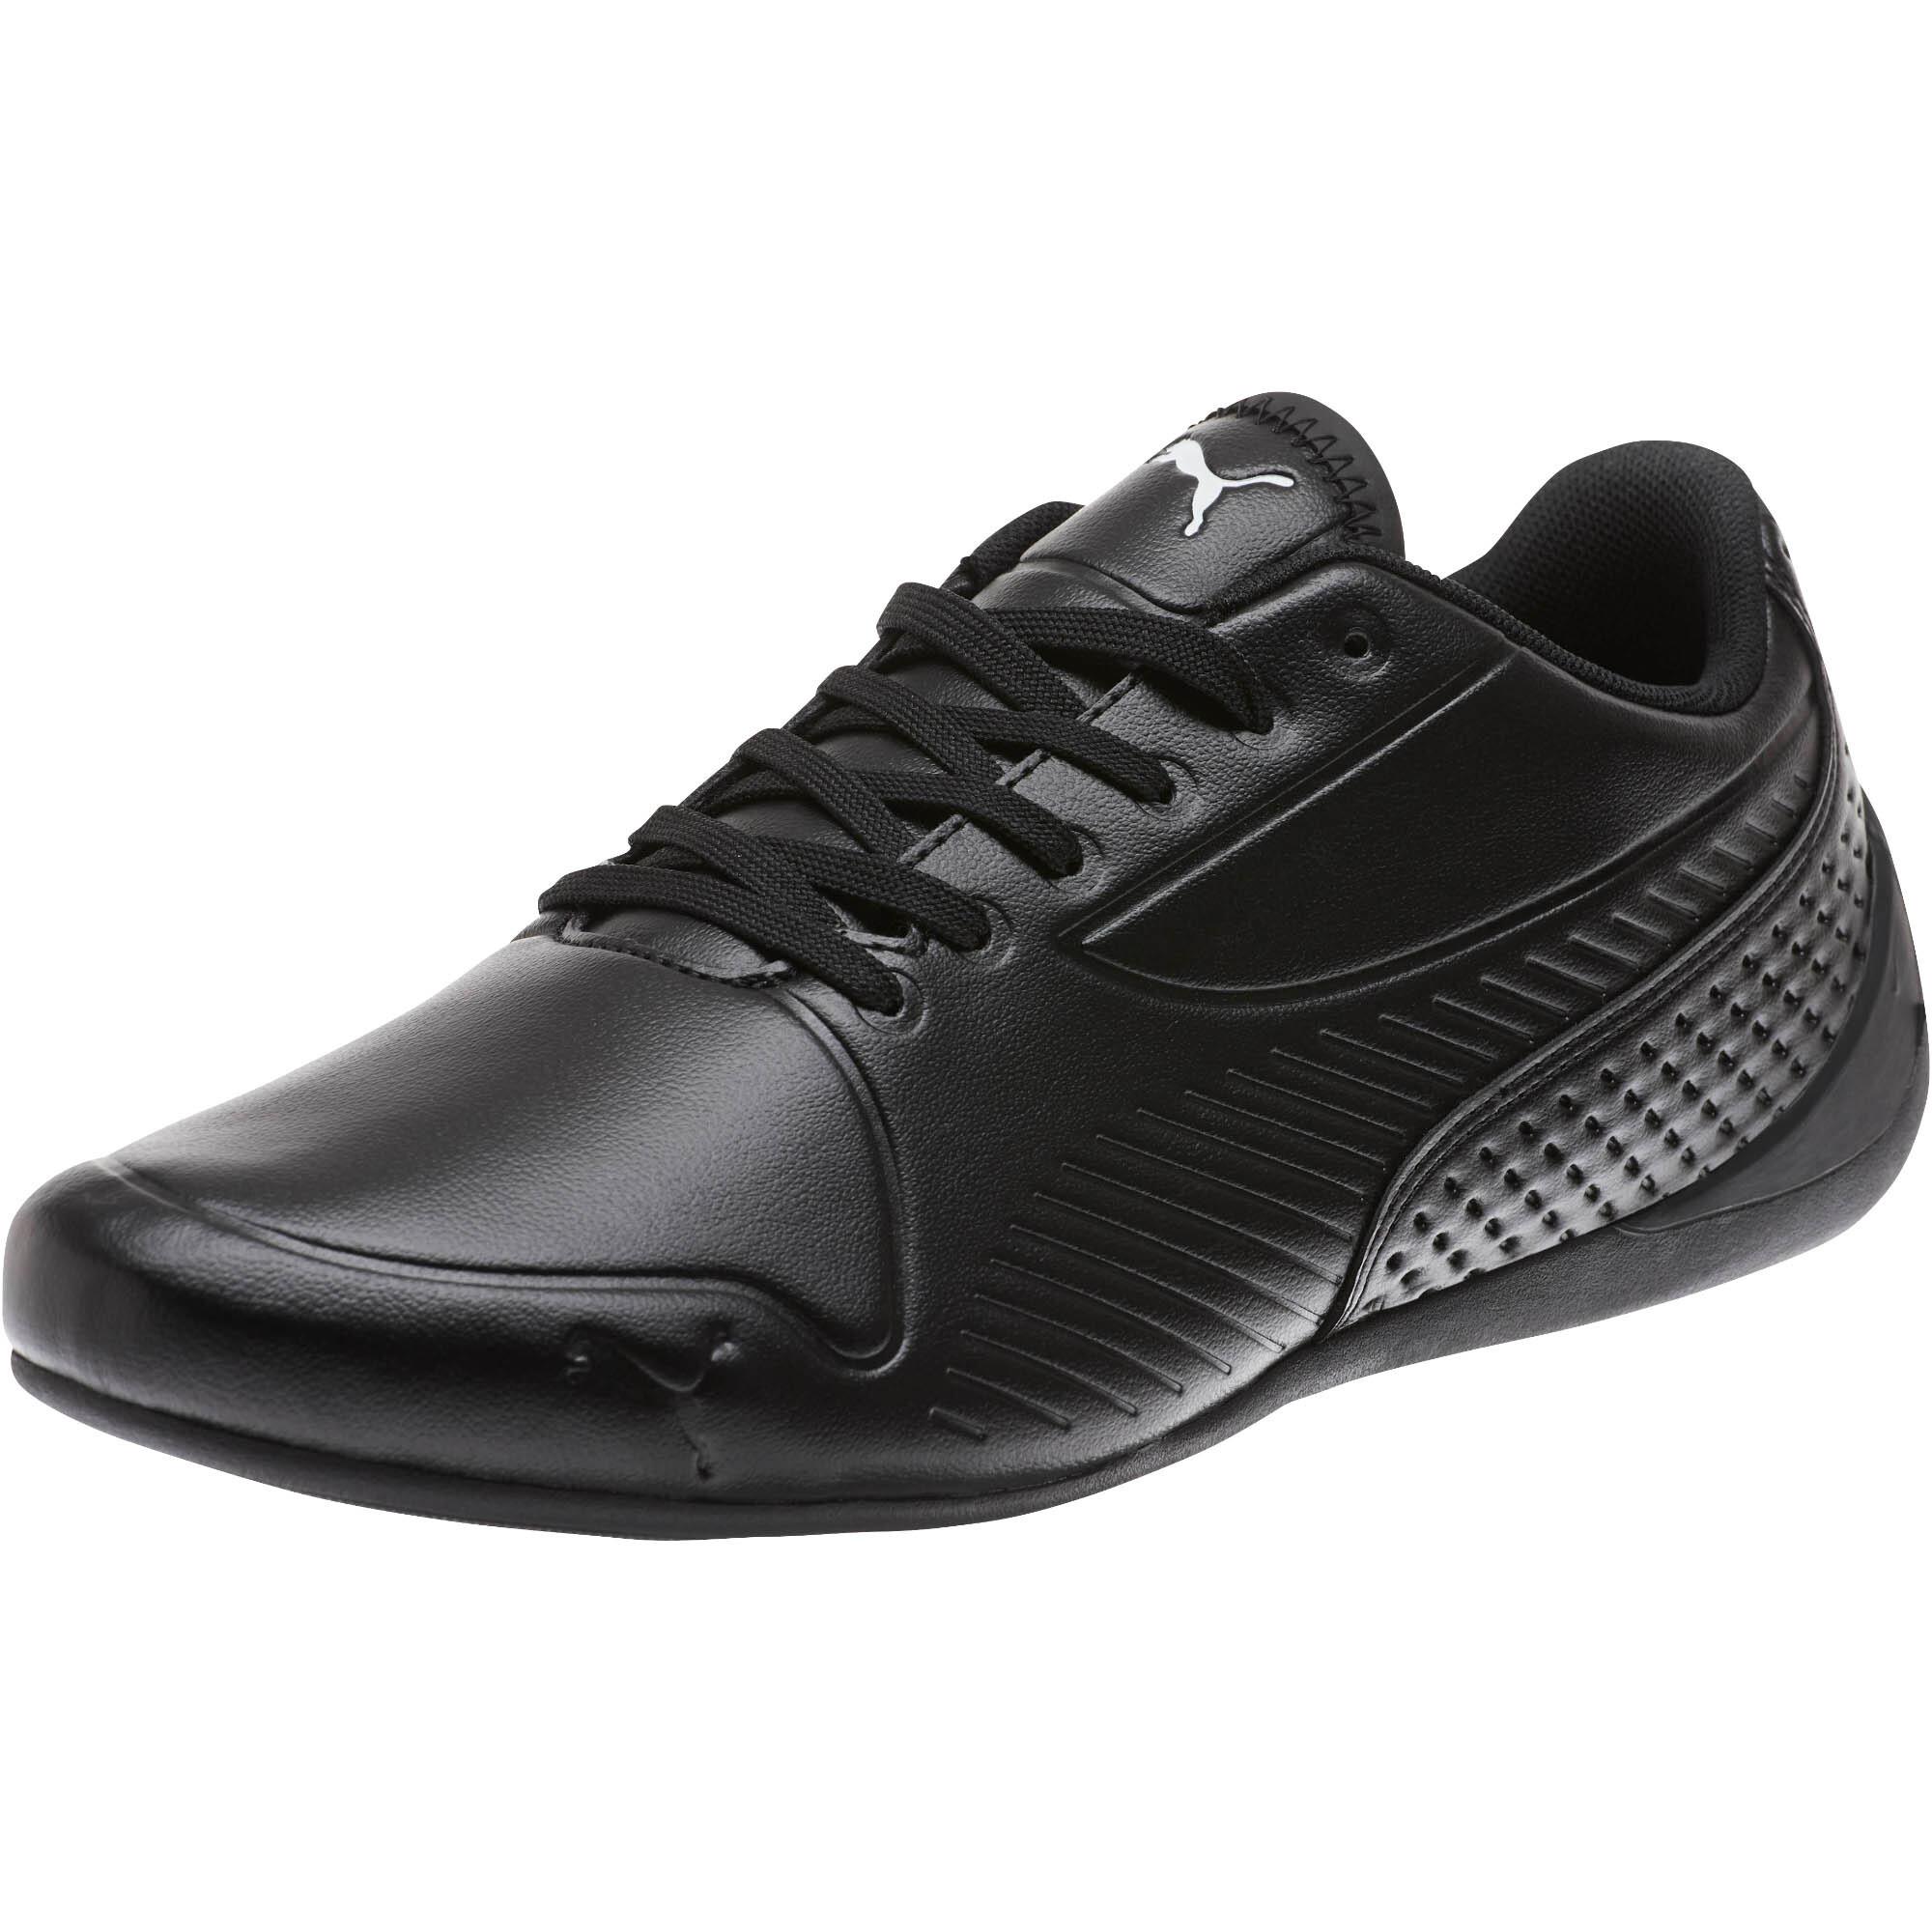 PUMA-Drift-Cat-7S-Ultra-Men-039-s-Shoes-Men-Shoe-Basics thumbnail 4